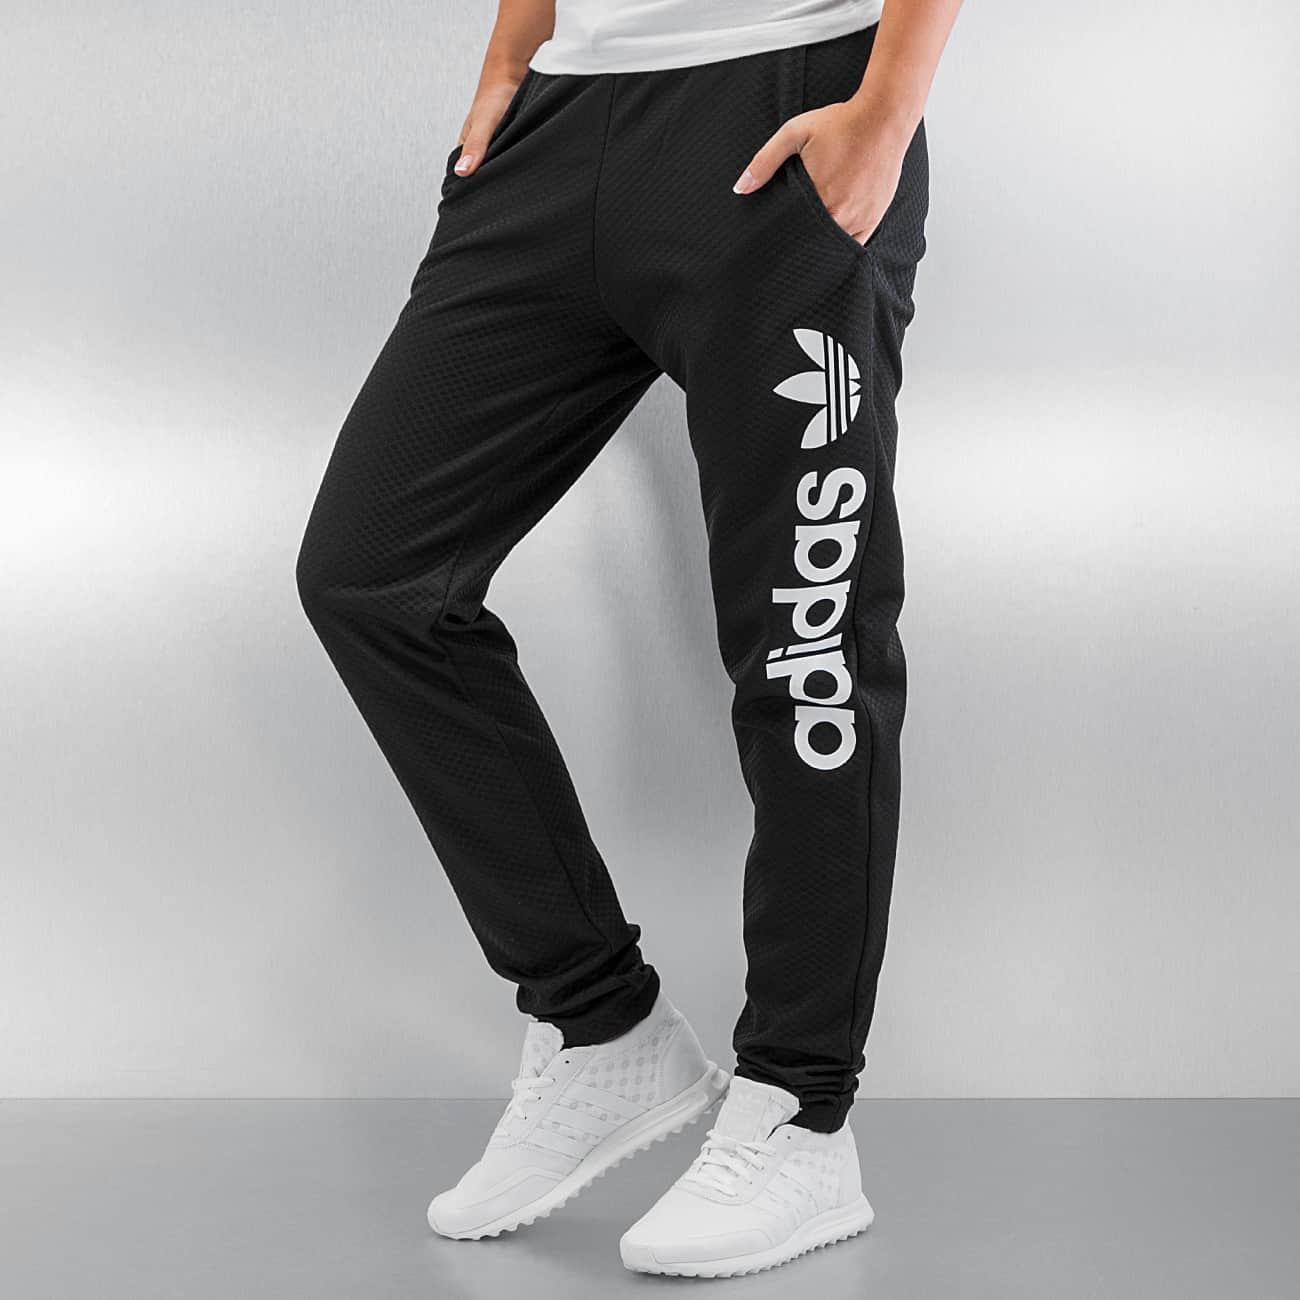 pantalon jogging adidas femme pas cher www